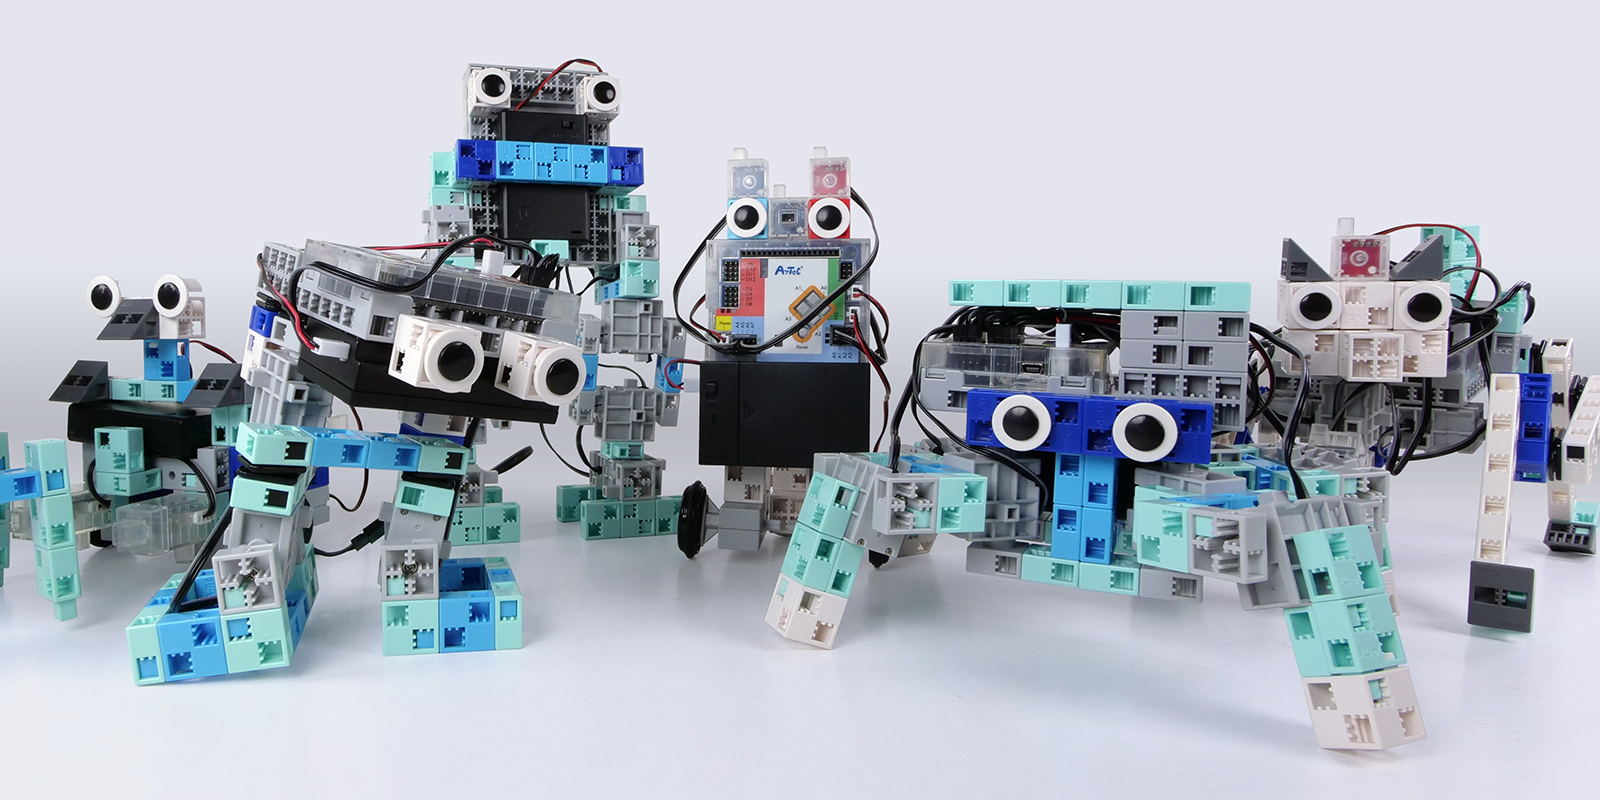 un kit pédagogique scolaire pour créer plusieurs modèles de robots programmables